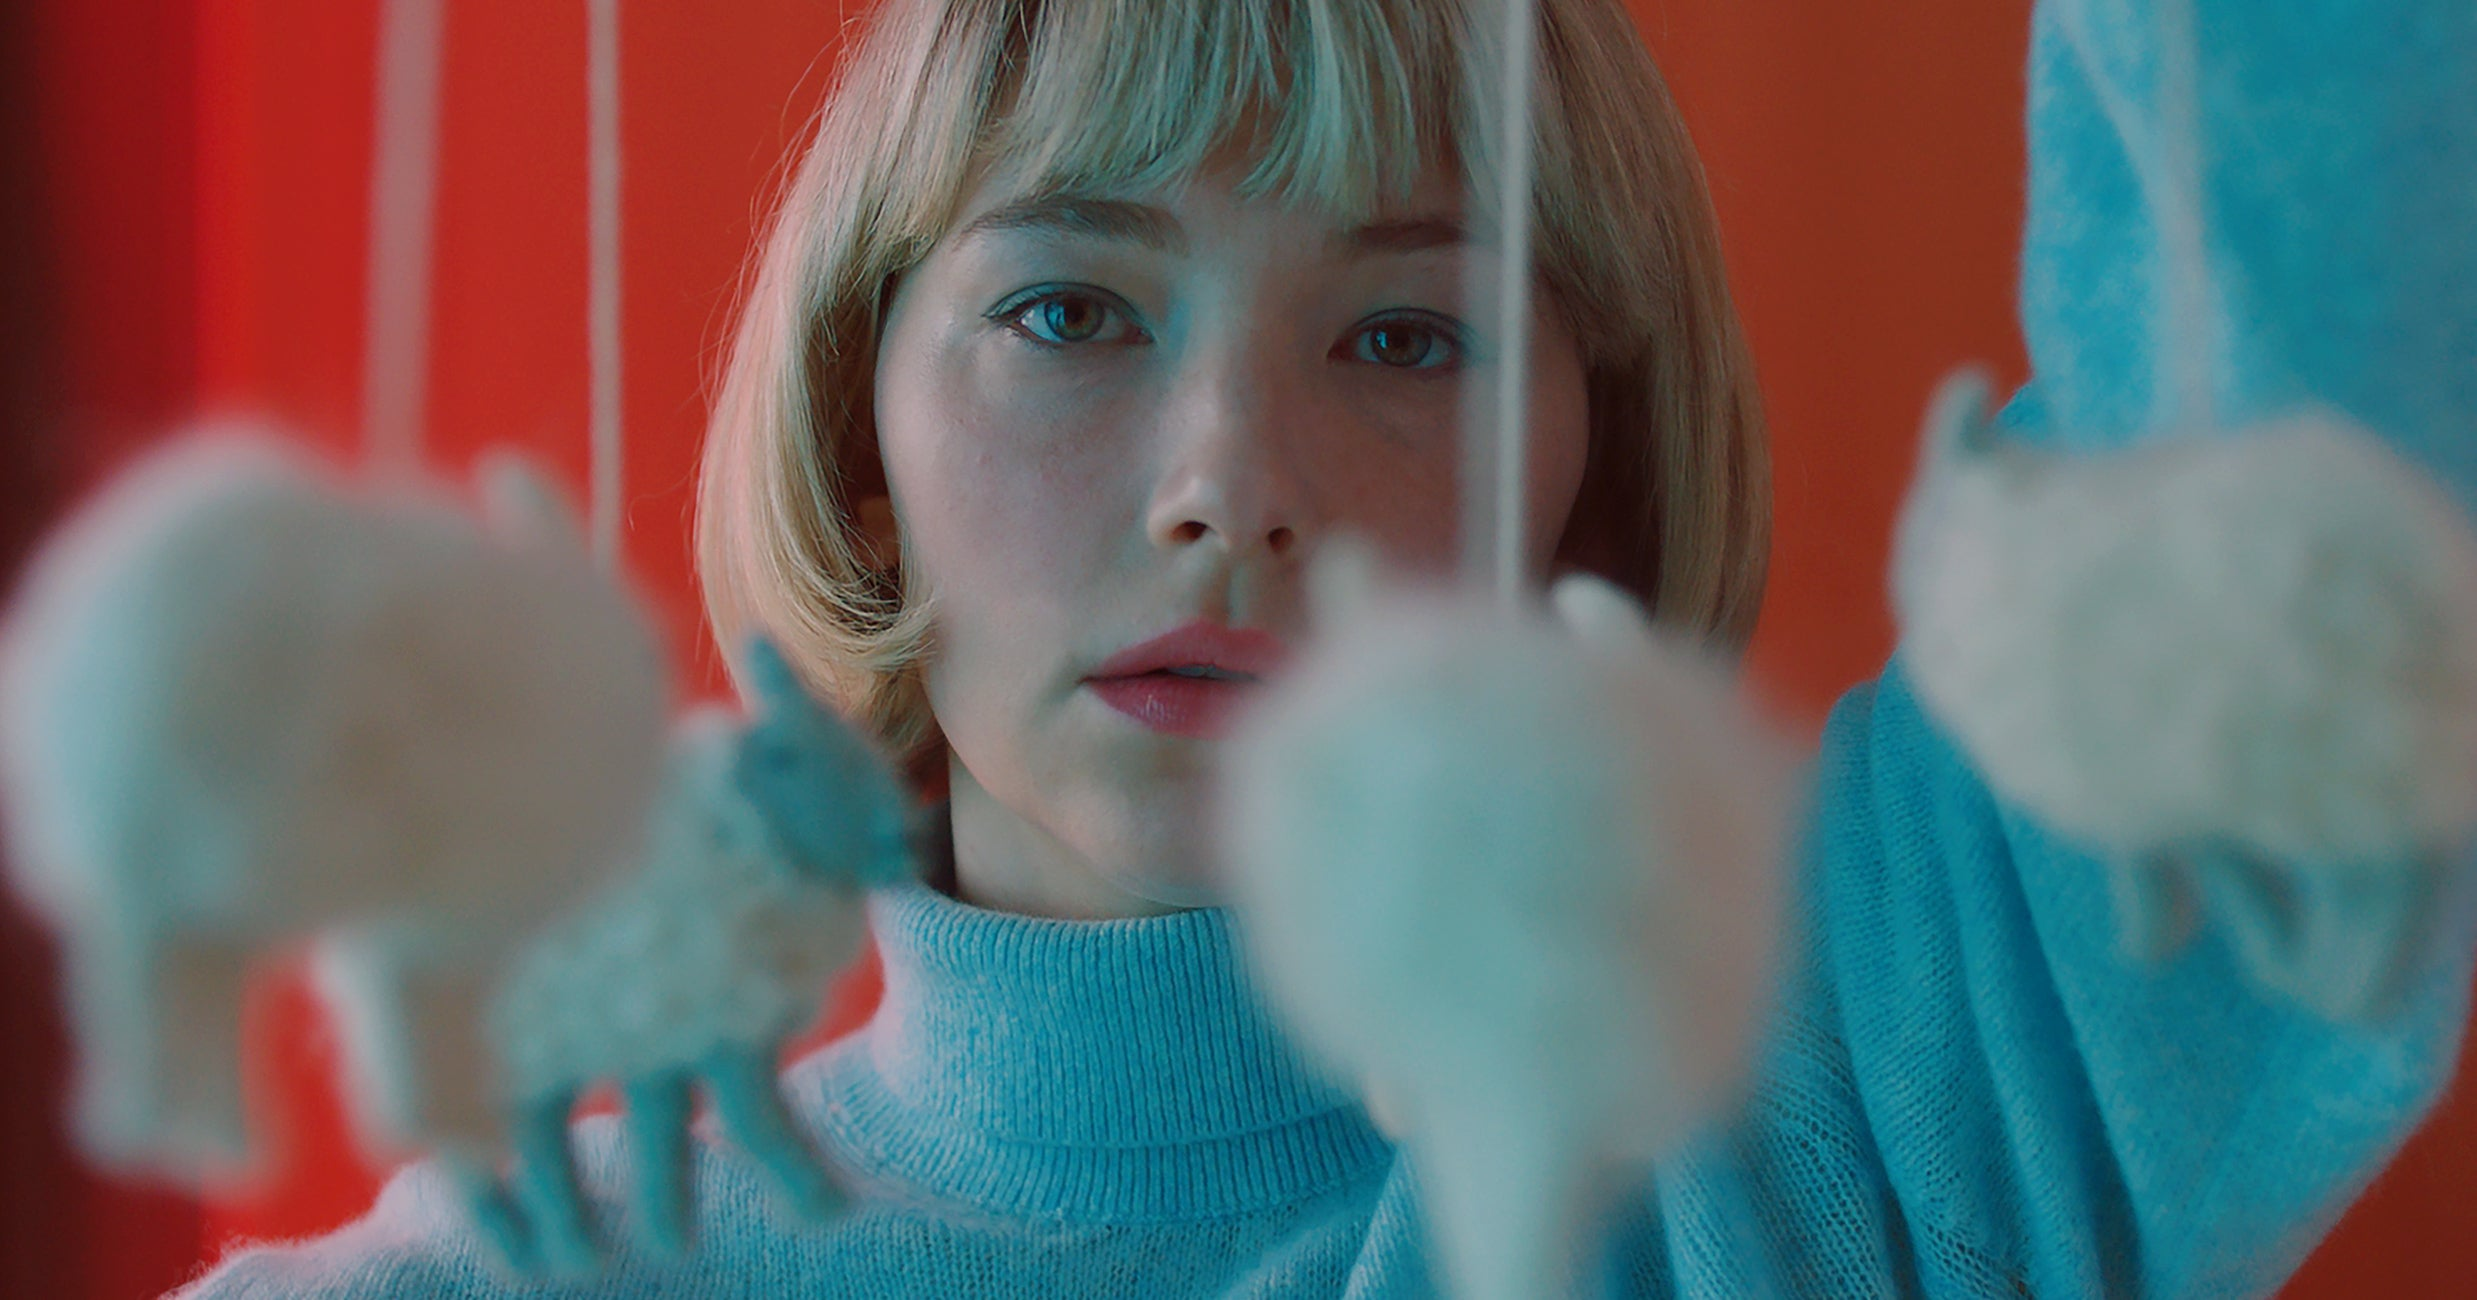 Haley Bennett Shocking Performance In Swallow Movie